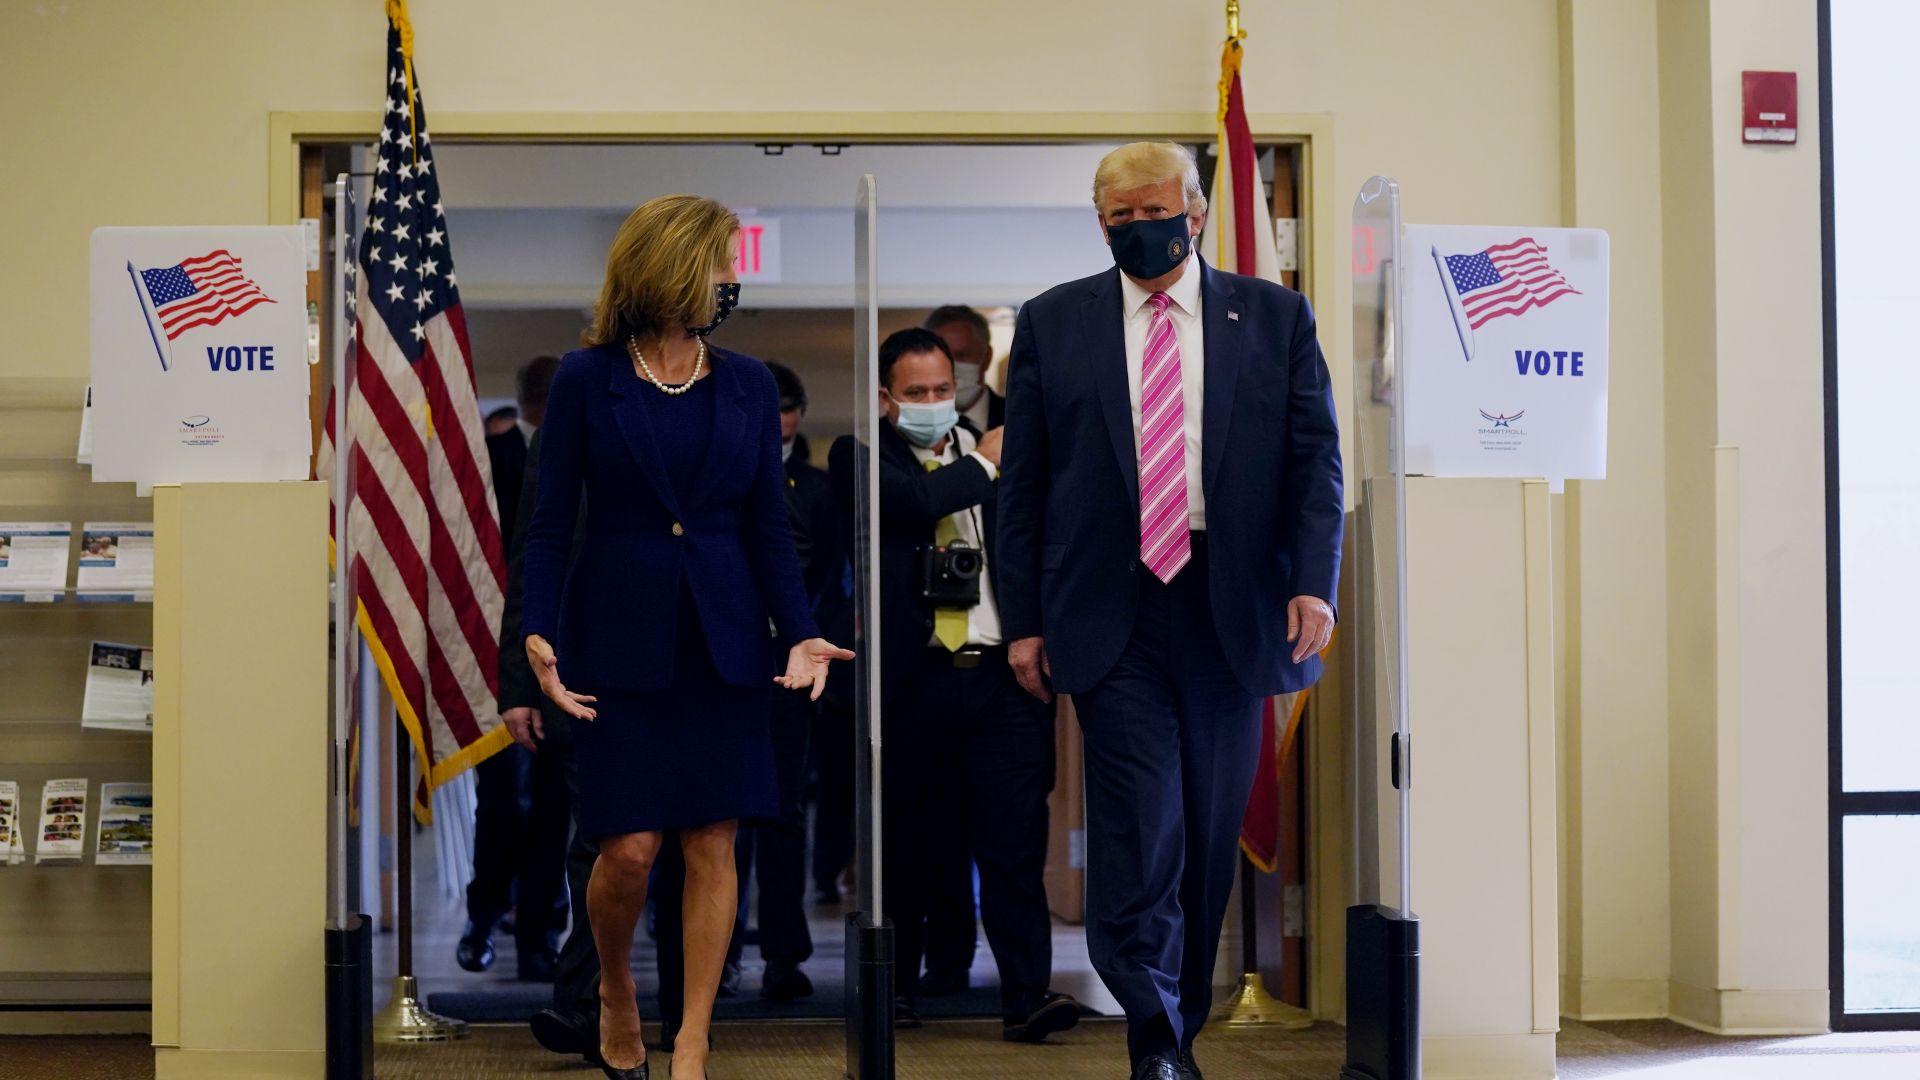 Президентът на САЩ даде вота си за изборите: Гласувах за човек на име Тръмп (снимки, видео)